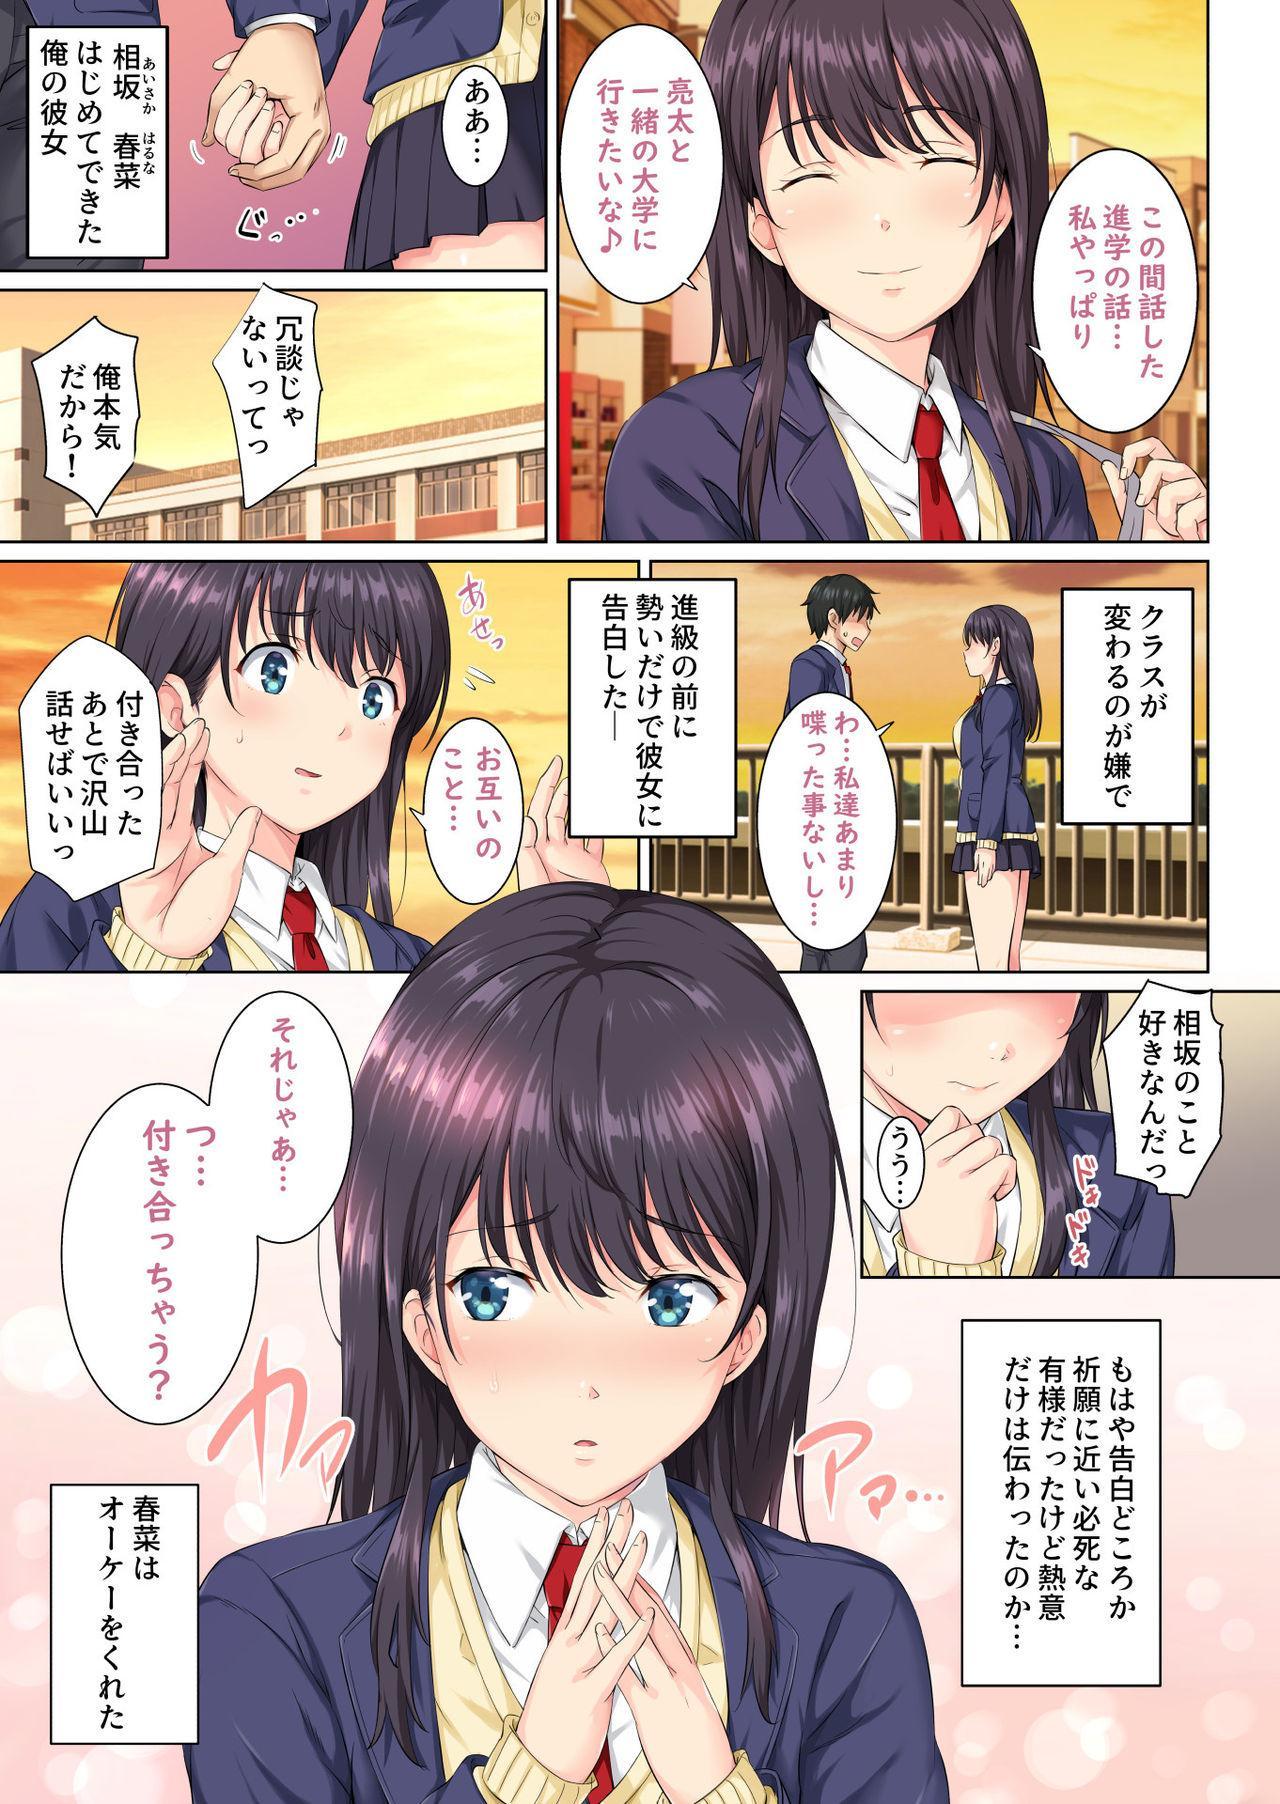 Soshite Watashi wa Kyou mo Ano Otoko ni Taberareru 3